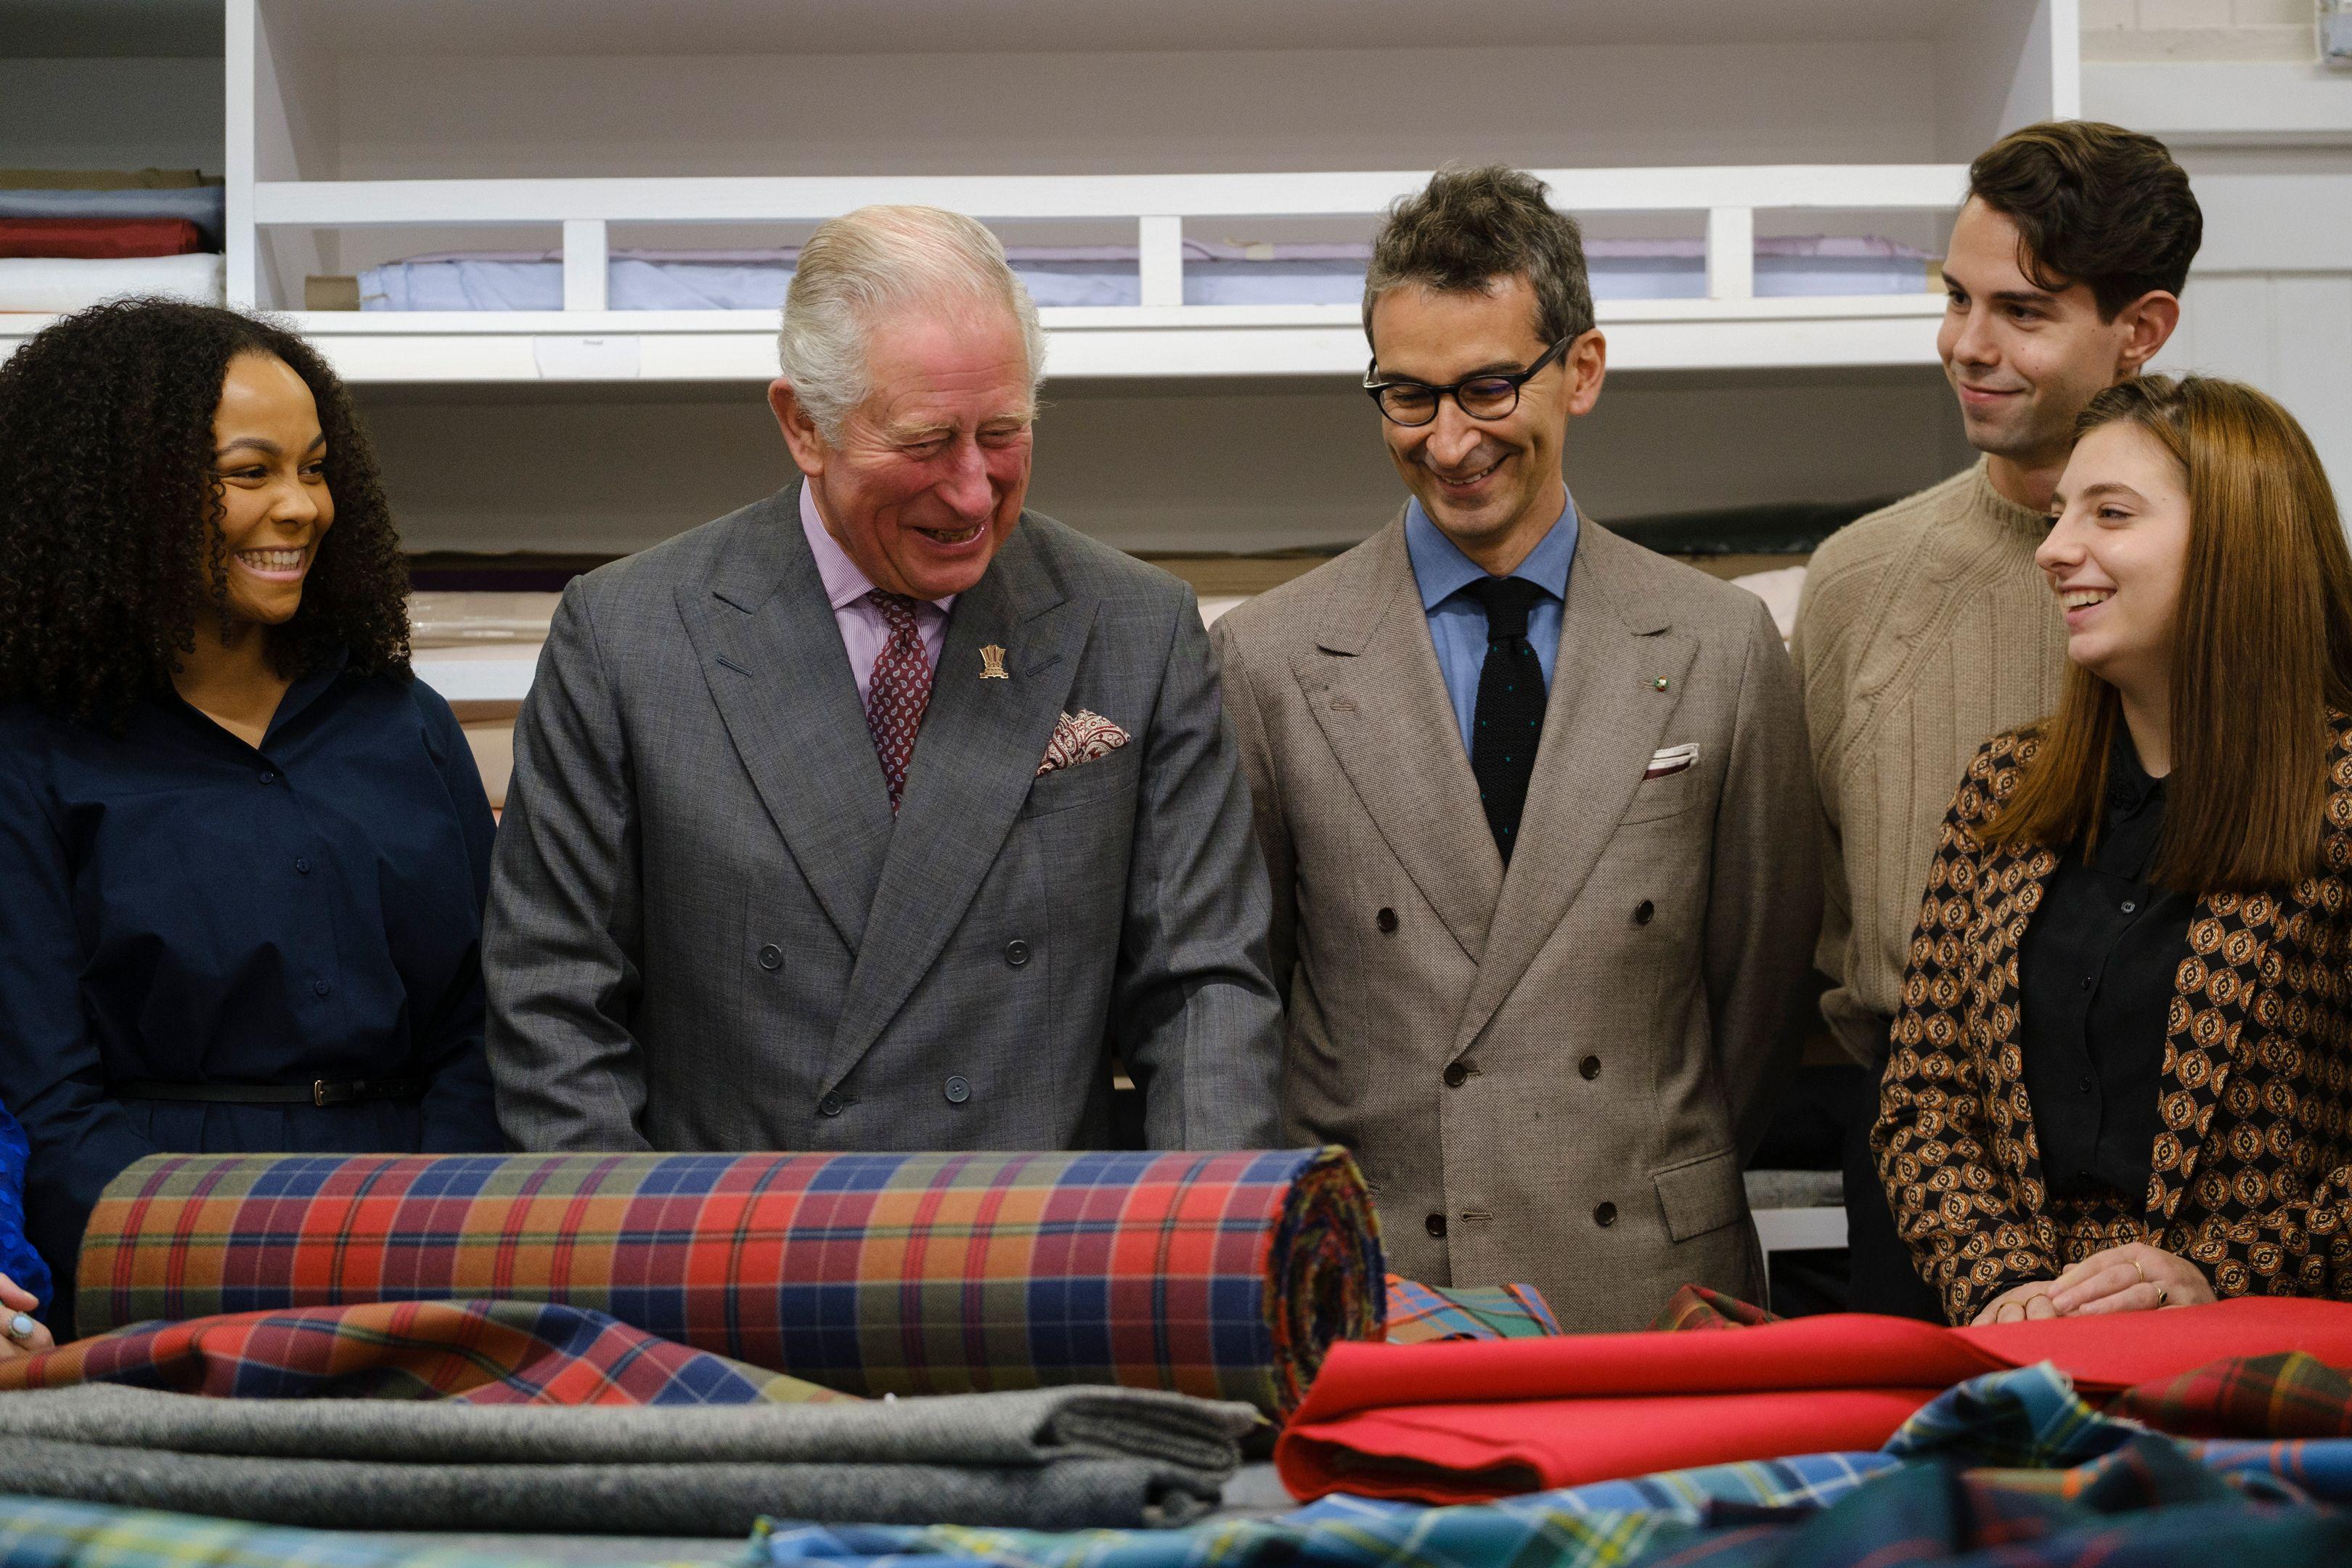 نتيجة بحث الصور عن Prince Charles + Fashion Design